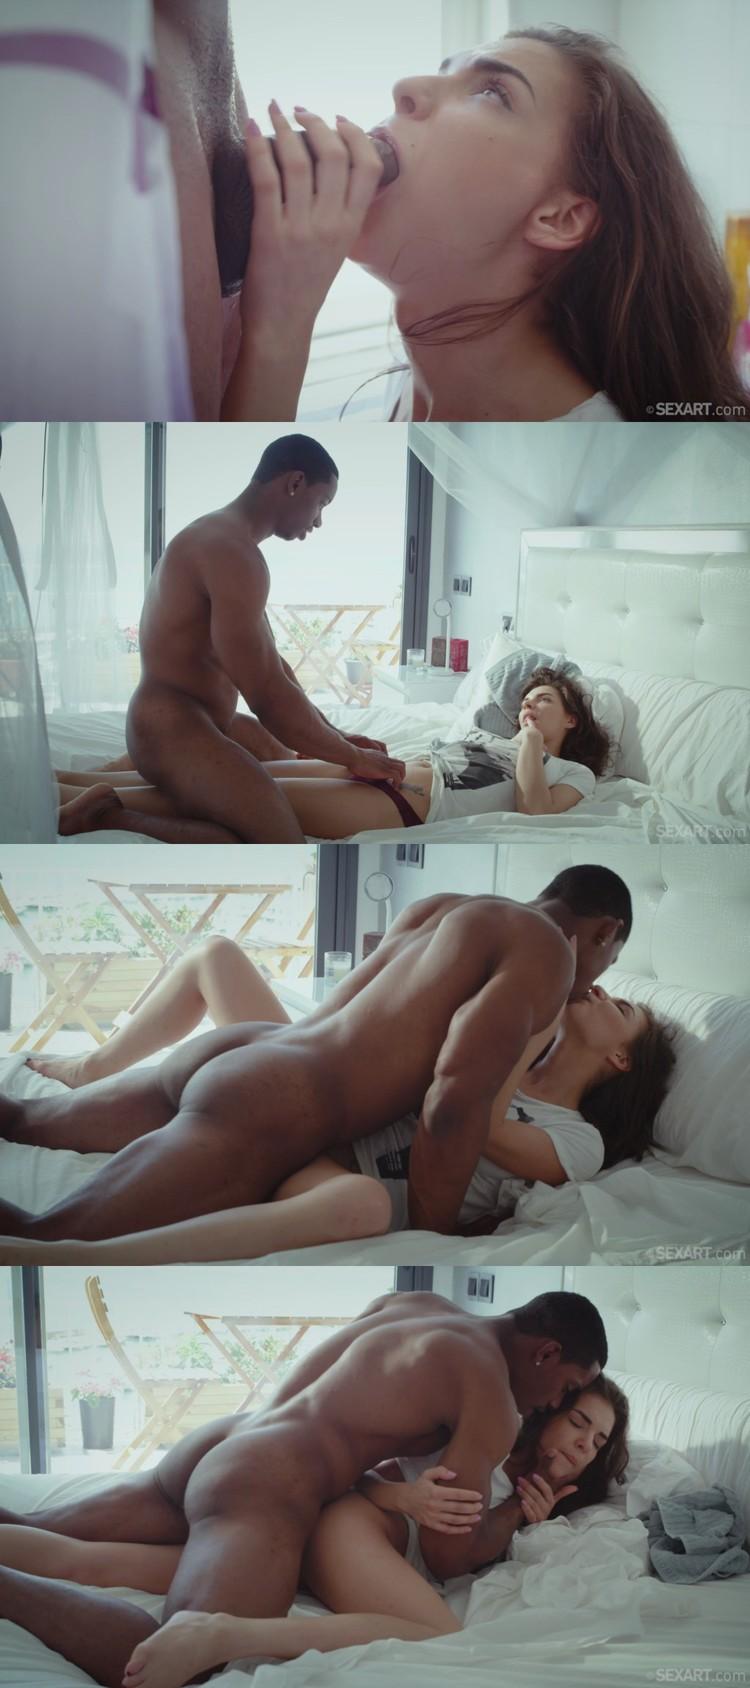 Nude girl feeling gif